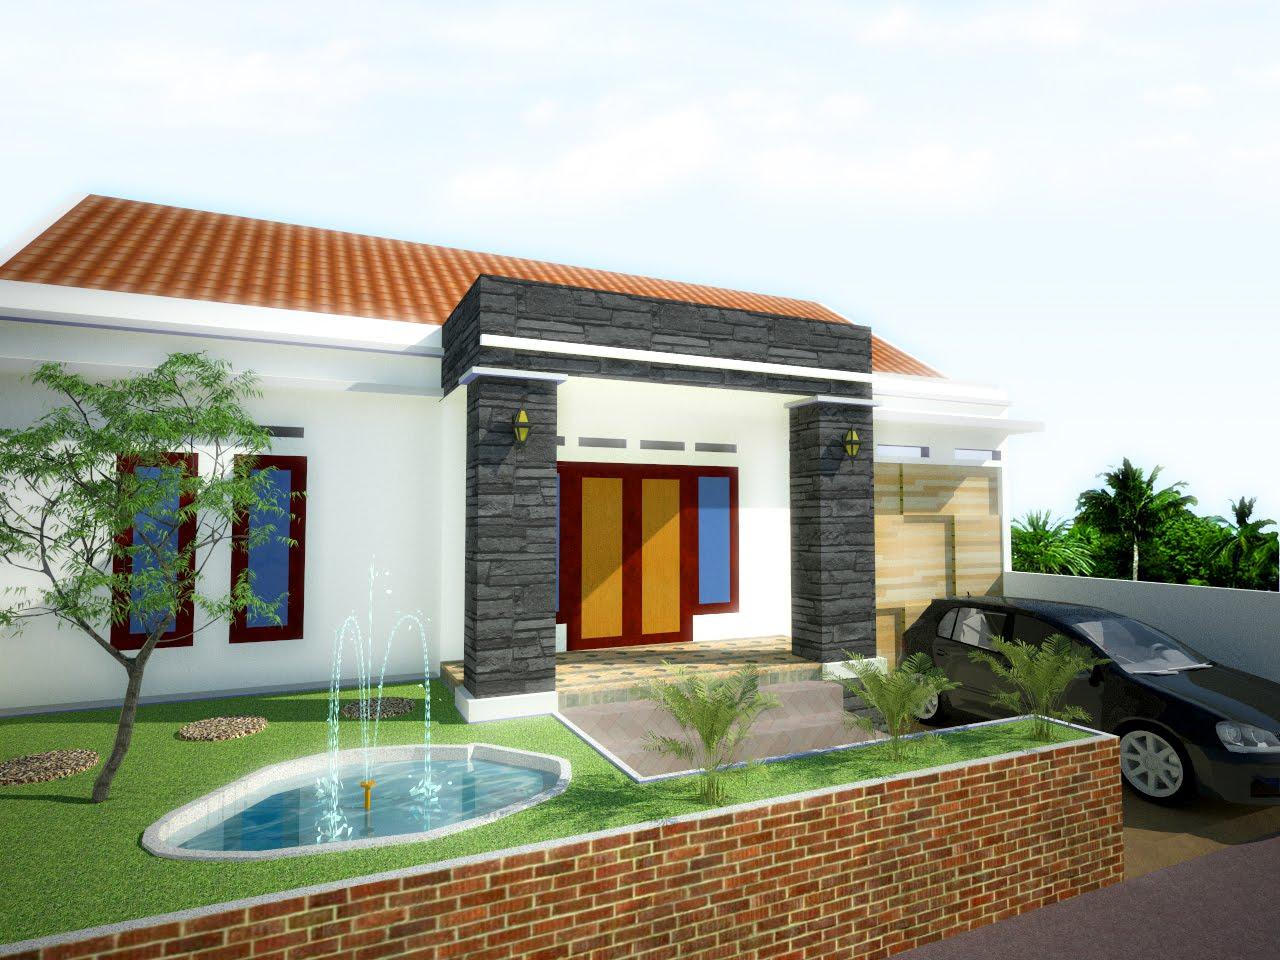 desain rumah sederhana ini saya buat saat kebutuhan rumah kecil di